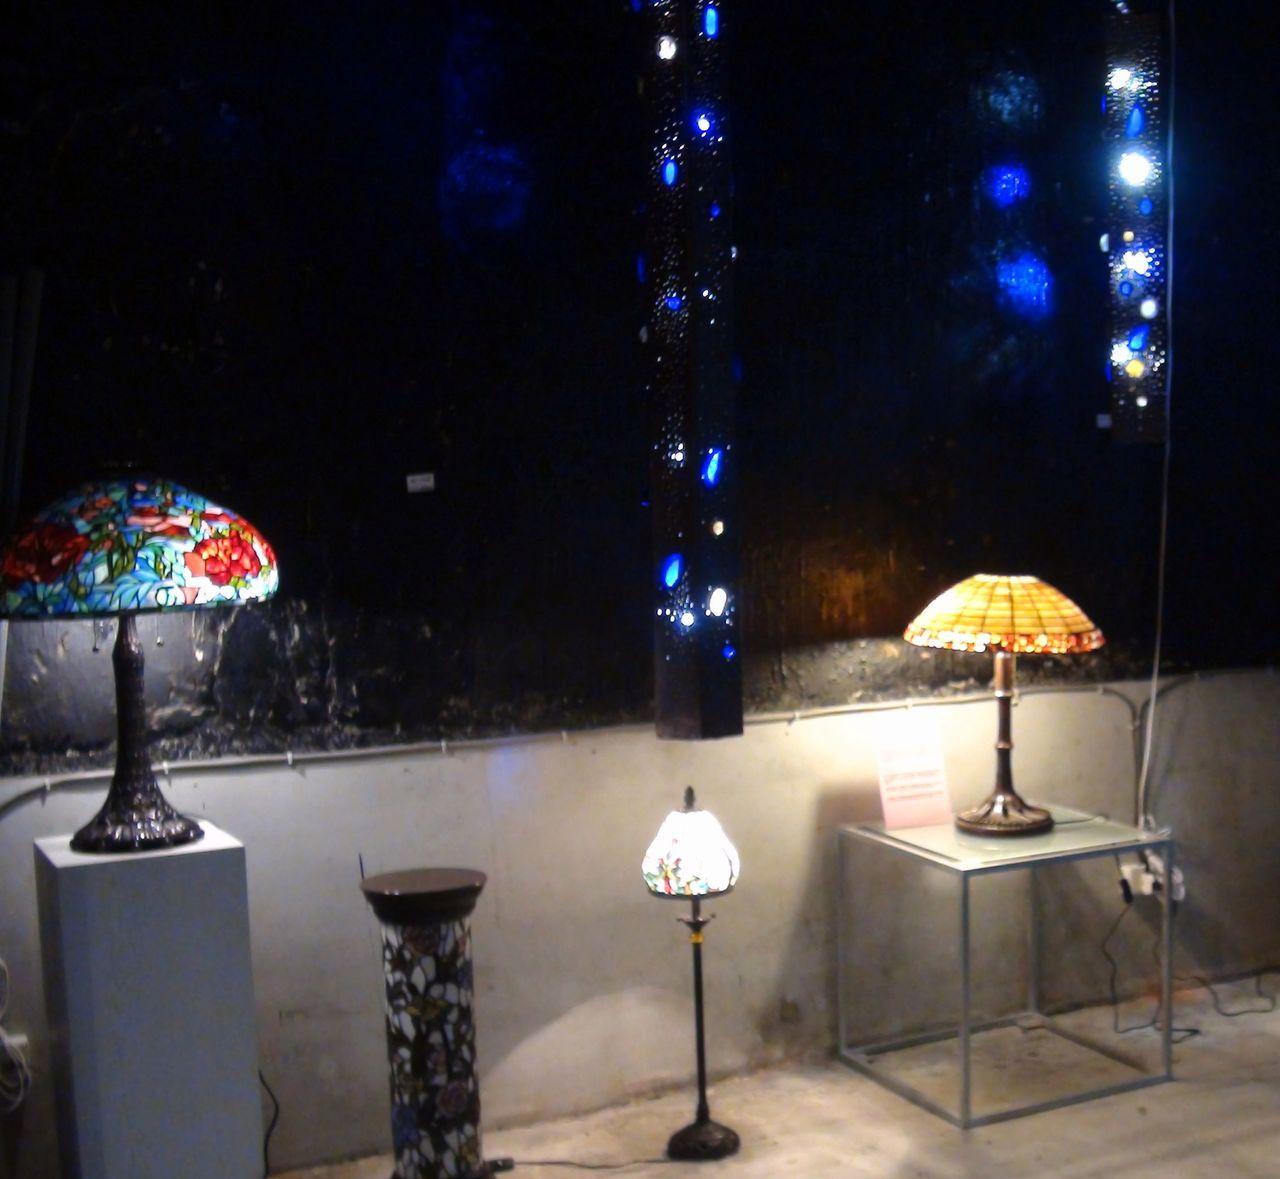 乘光白利用複合媒材創造的燈飾,營造銀河星空的浪漫氛圍。記者王昭月/攝影